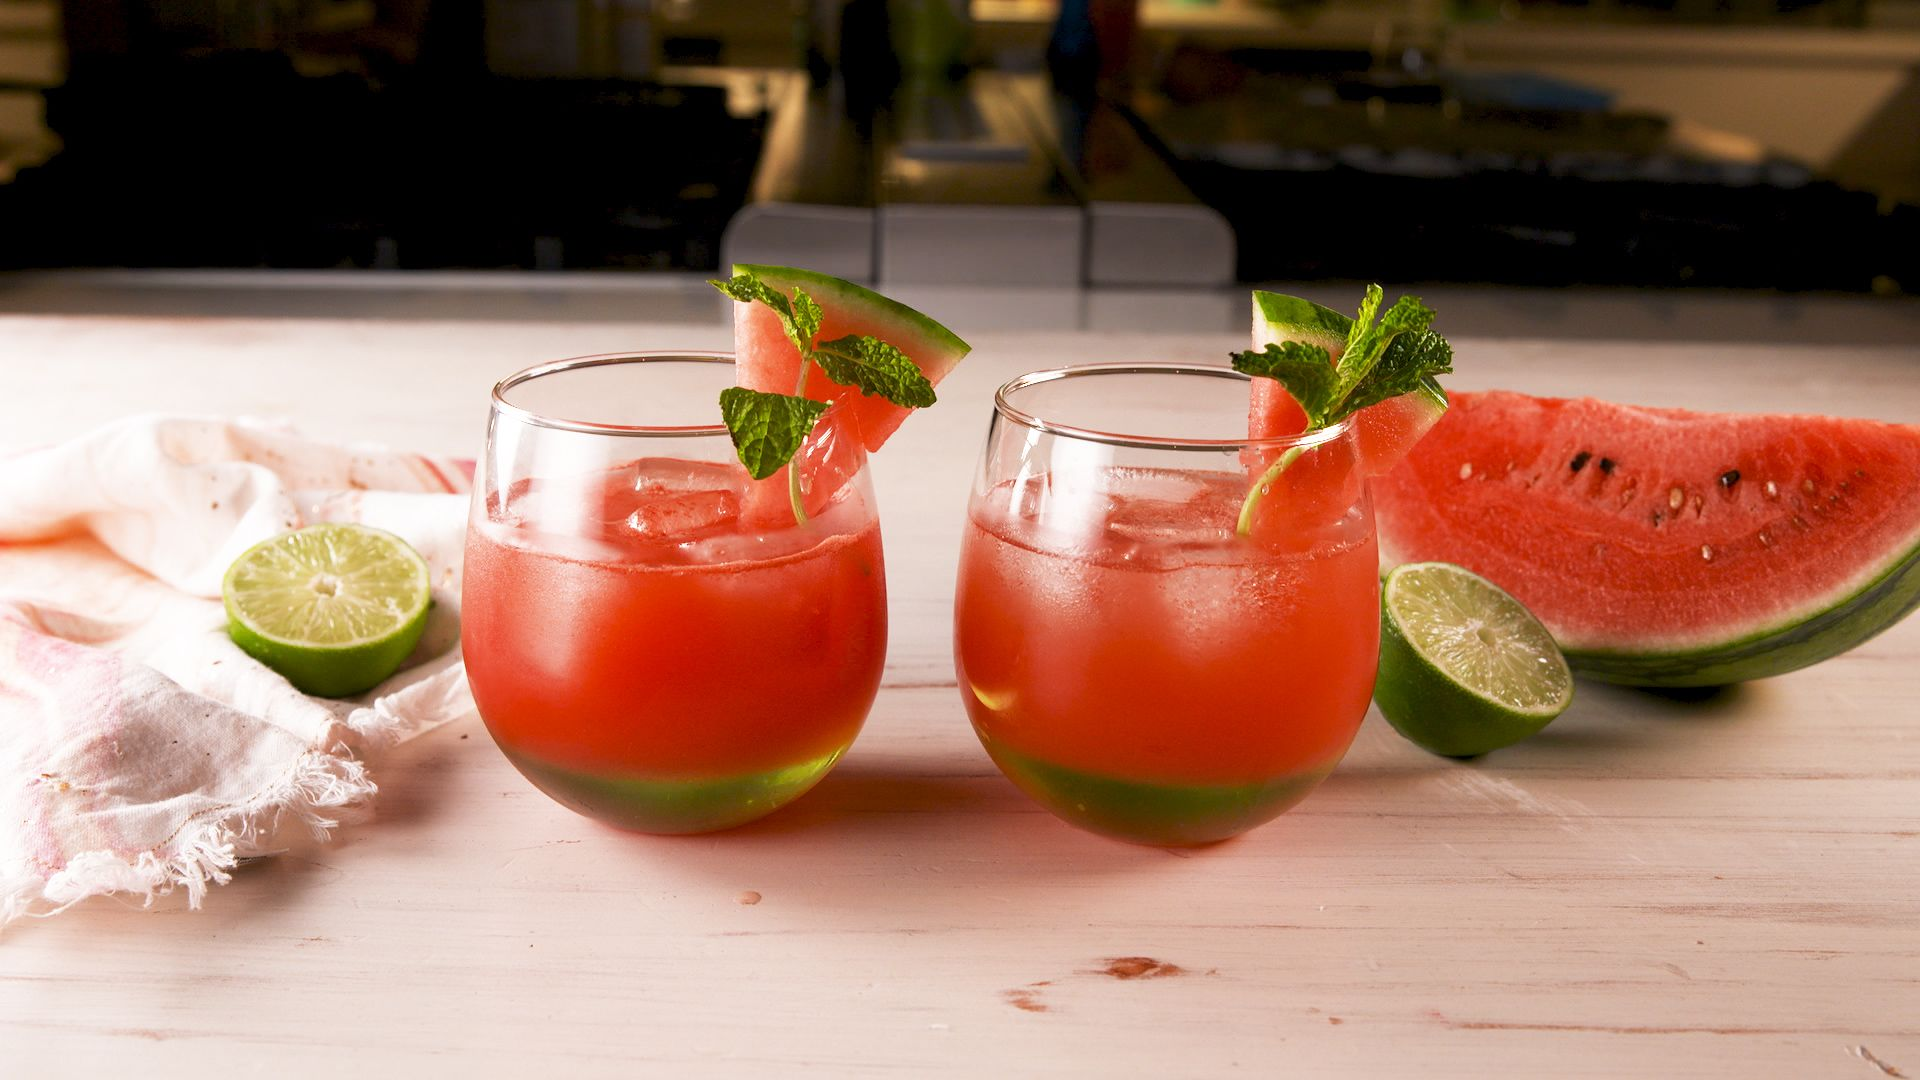 Perché il cocktail bicolor all'anguria si candida ad essere il drink definitivo della tua estate